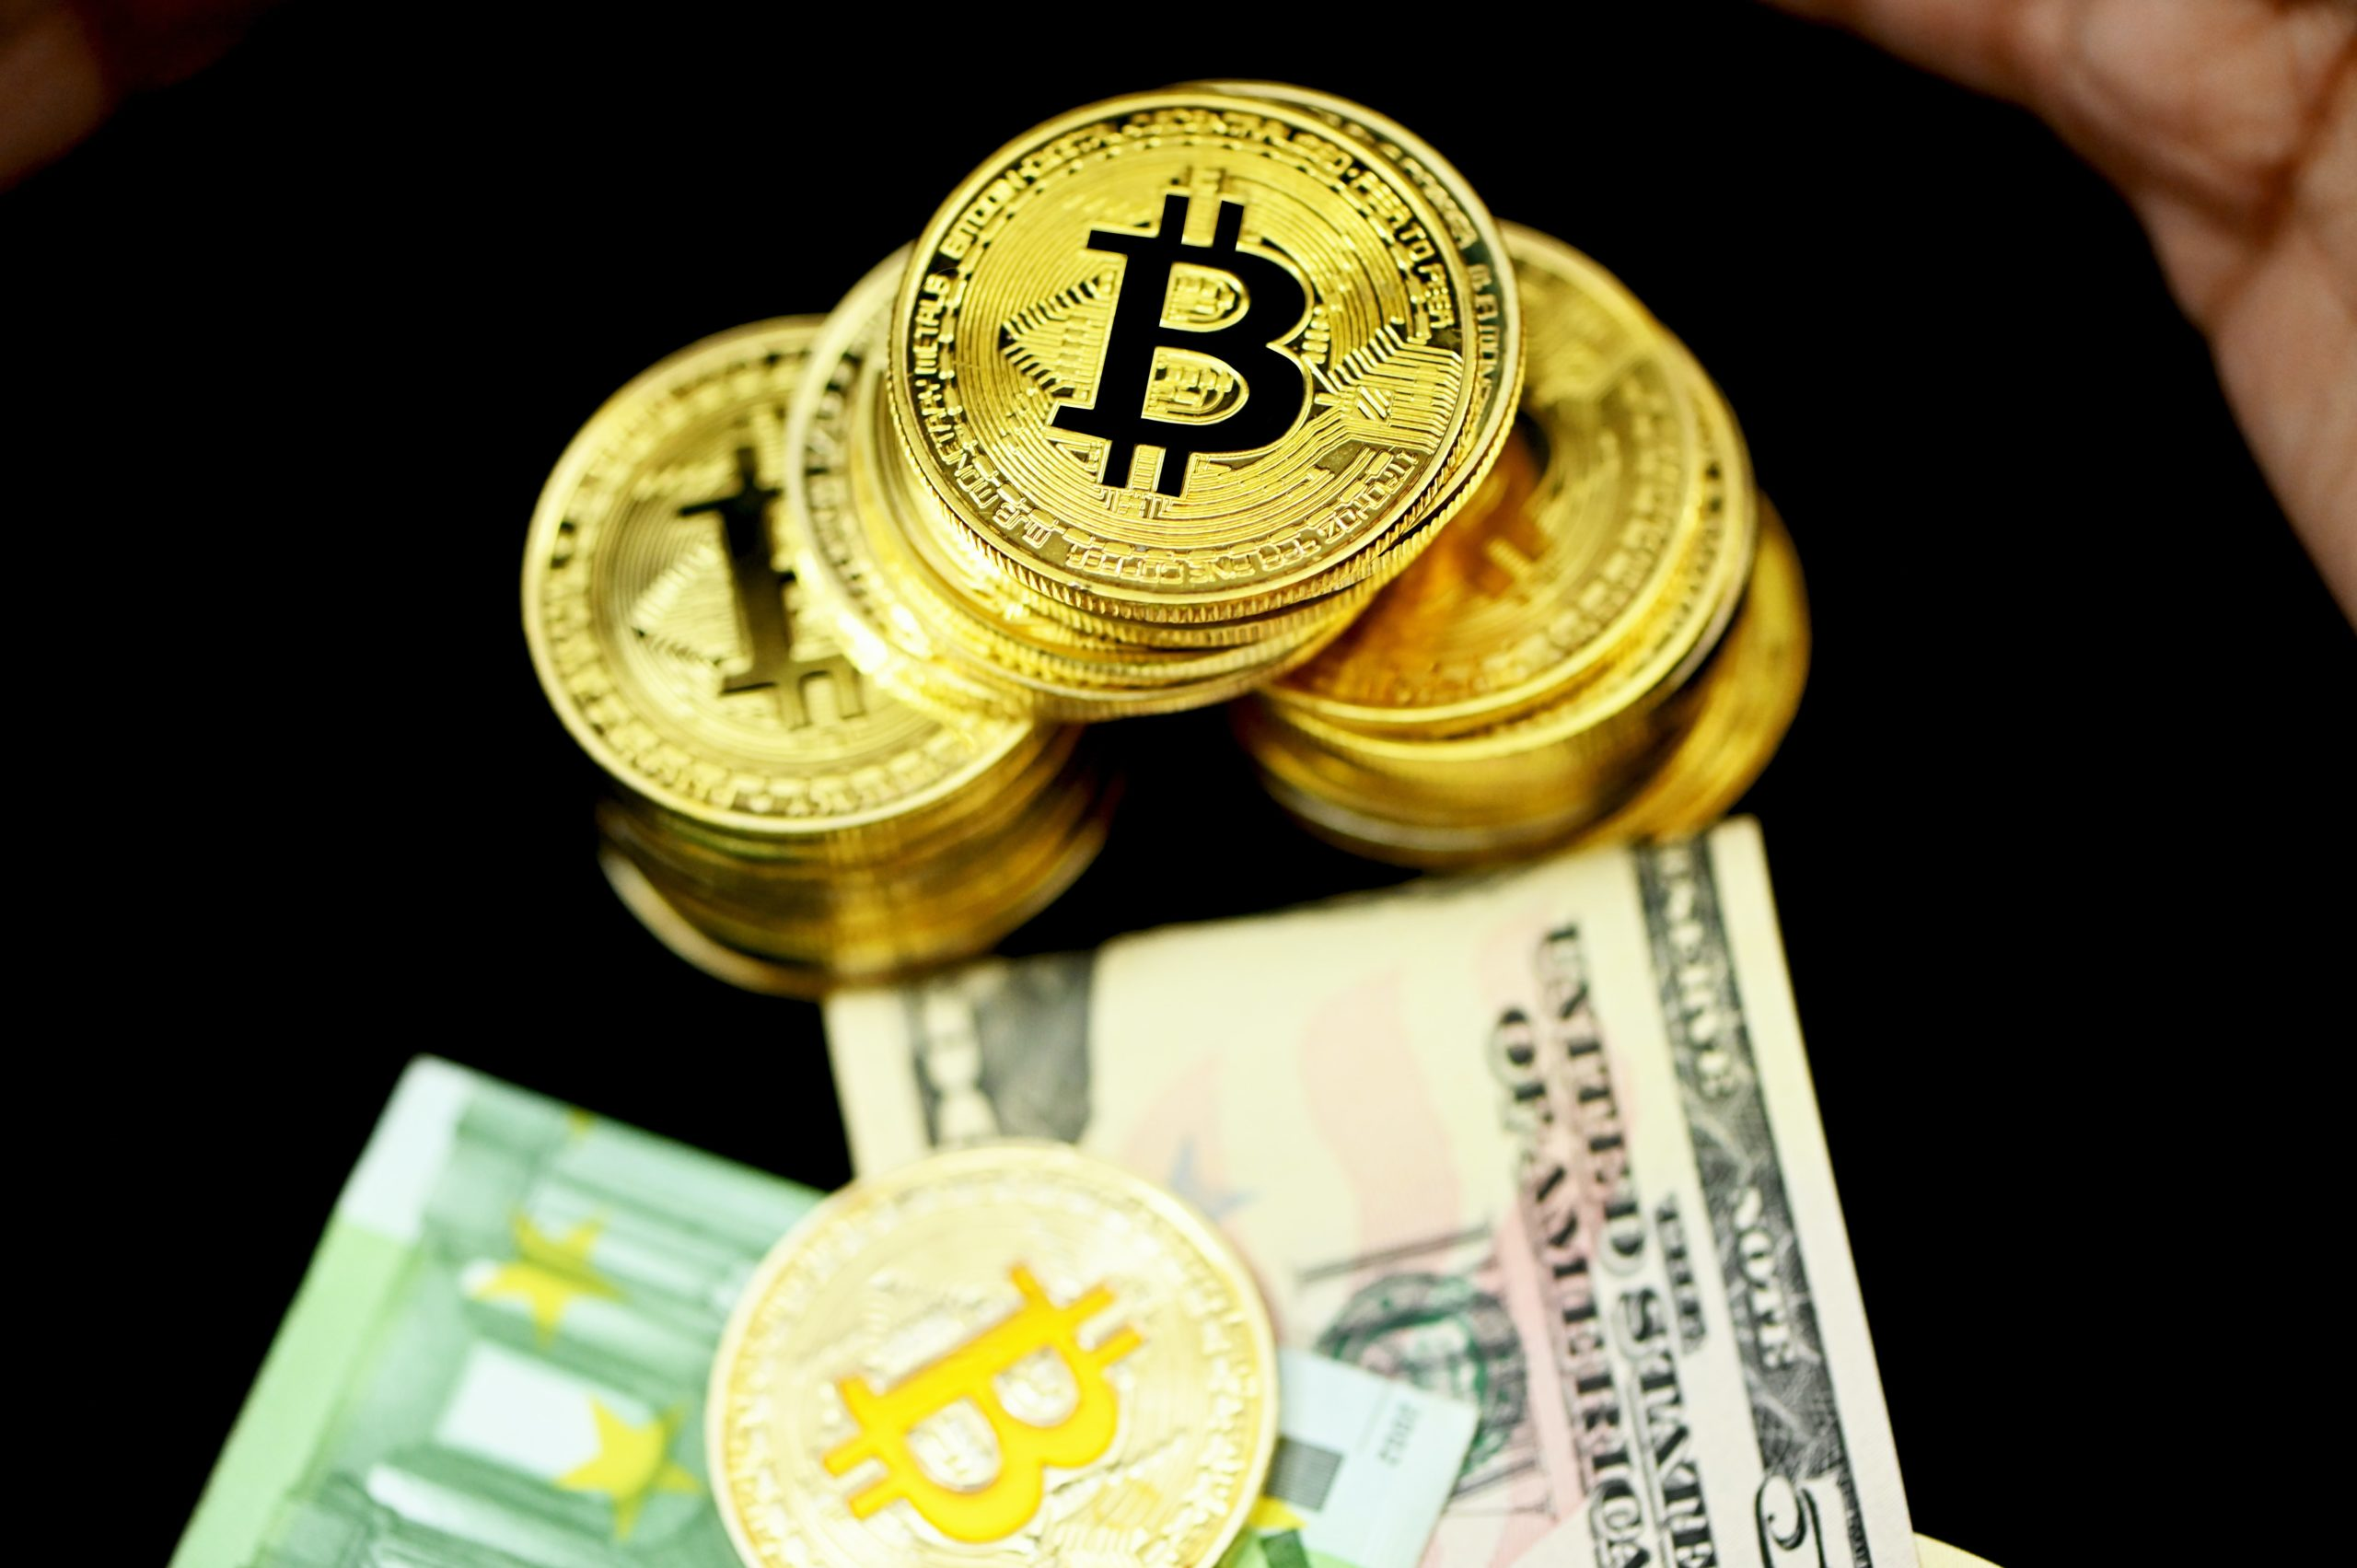 valore di bitcoin in libbre dragons den bitcoin trader deal